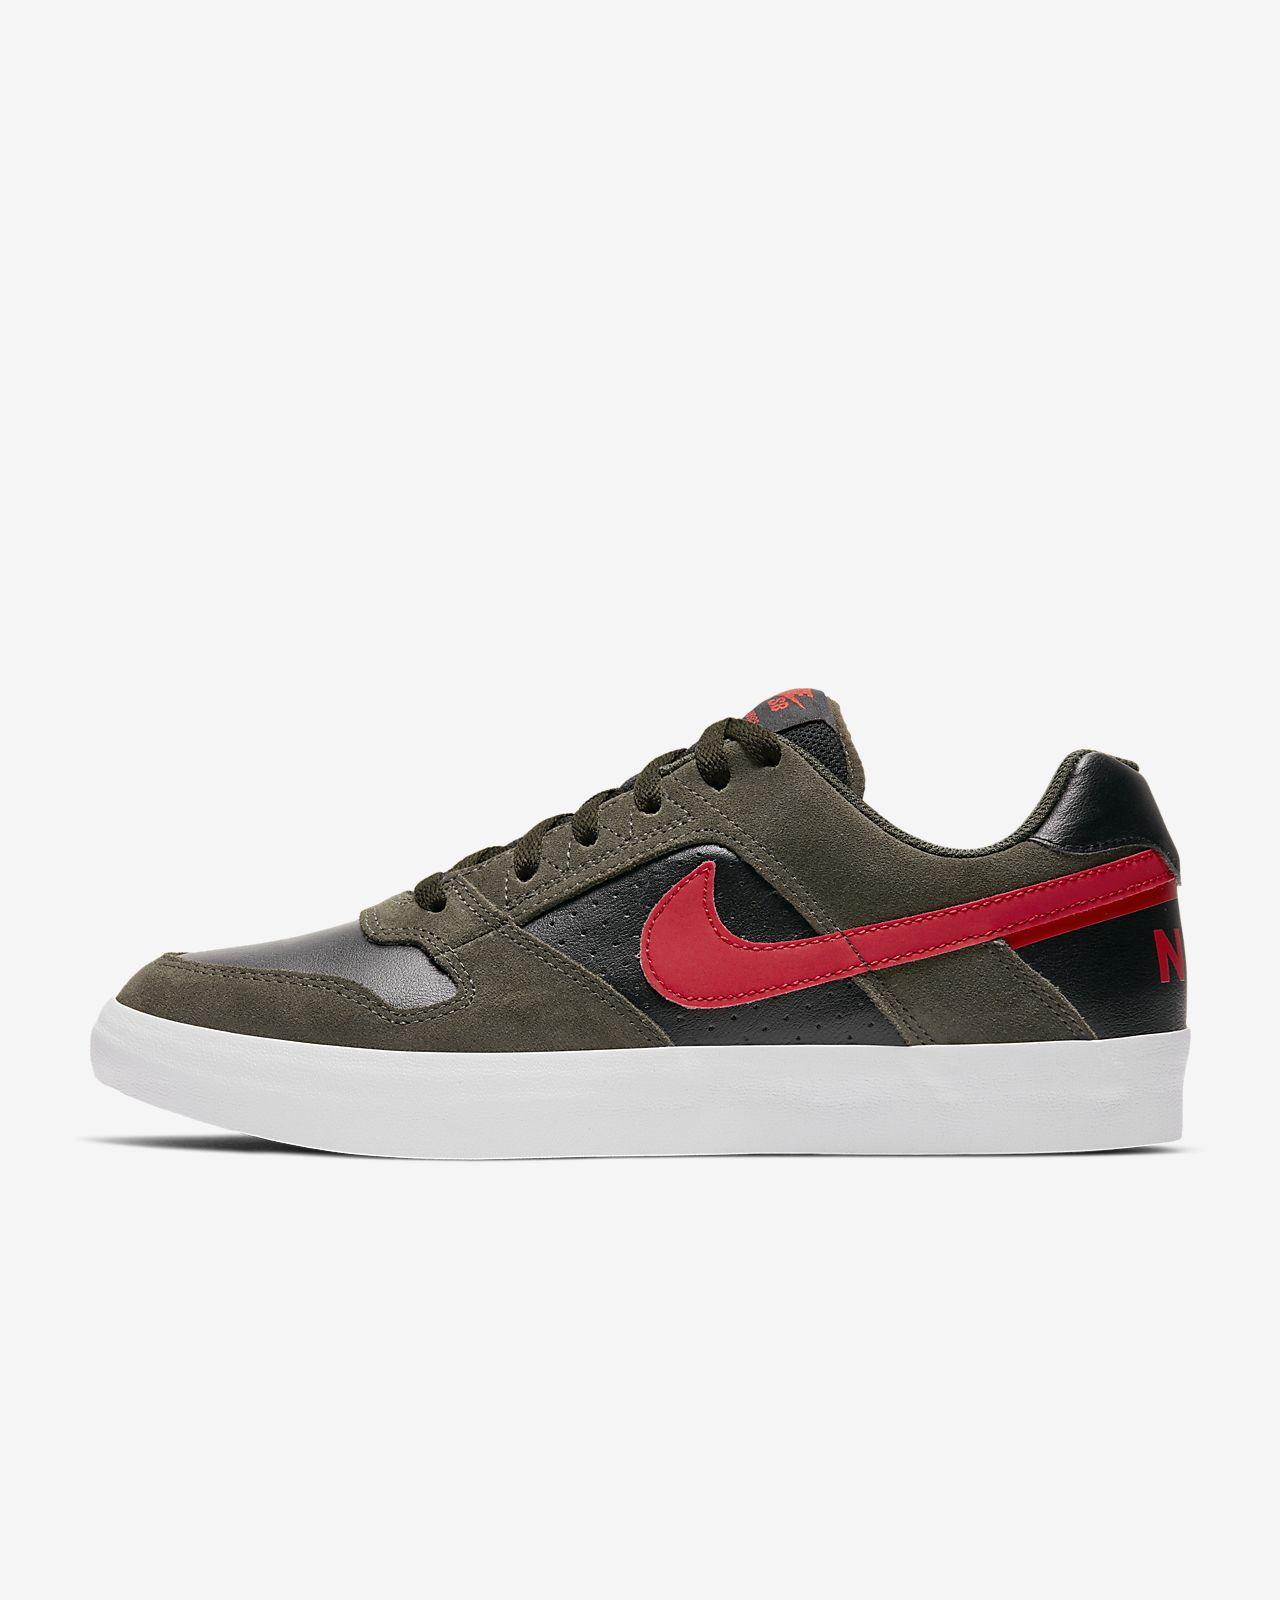 Nike SB Delta Force Vulc skatesko for herre